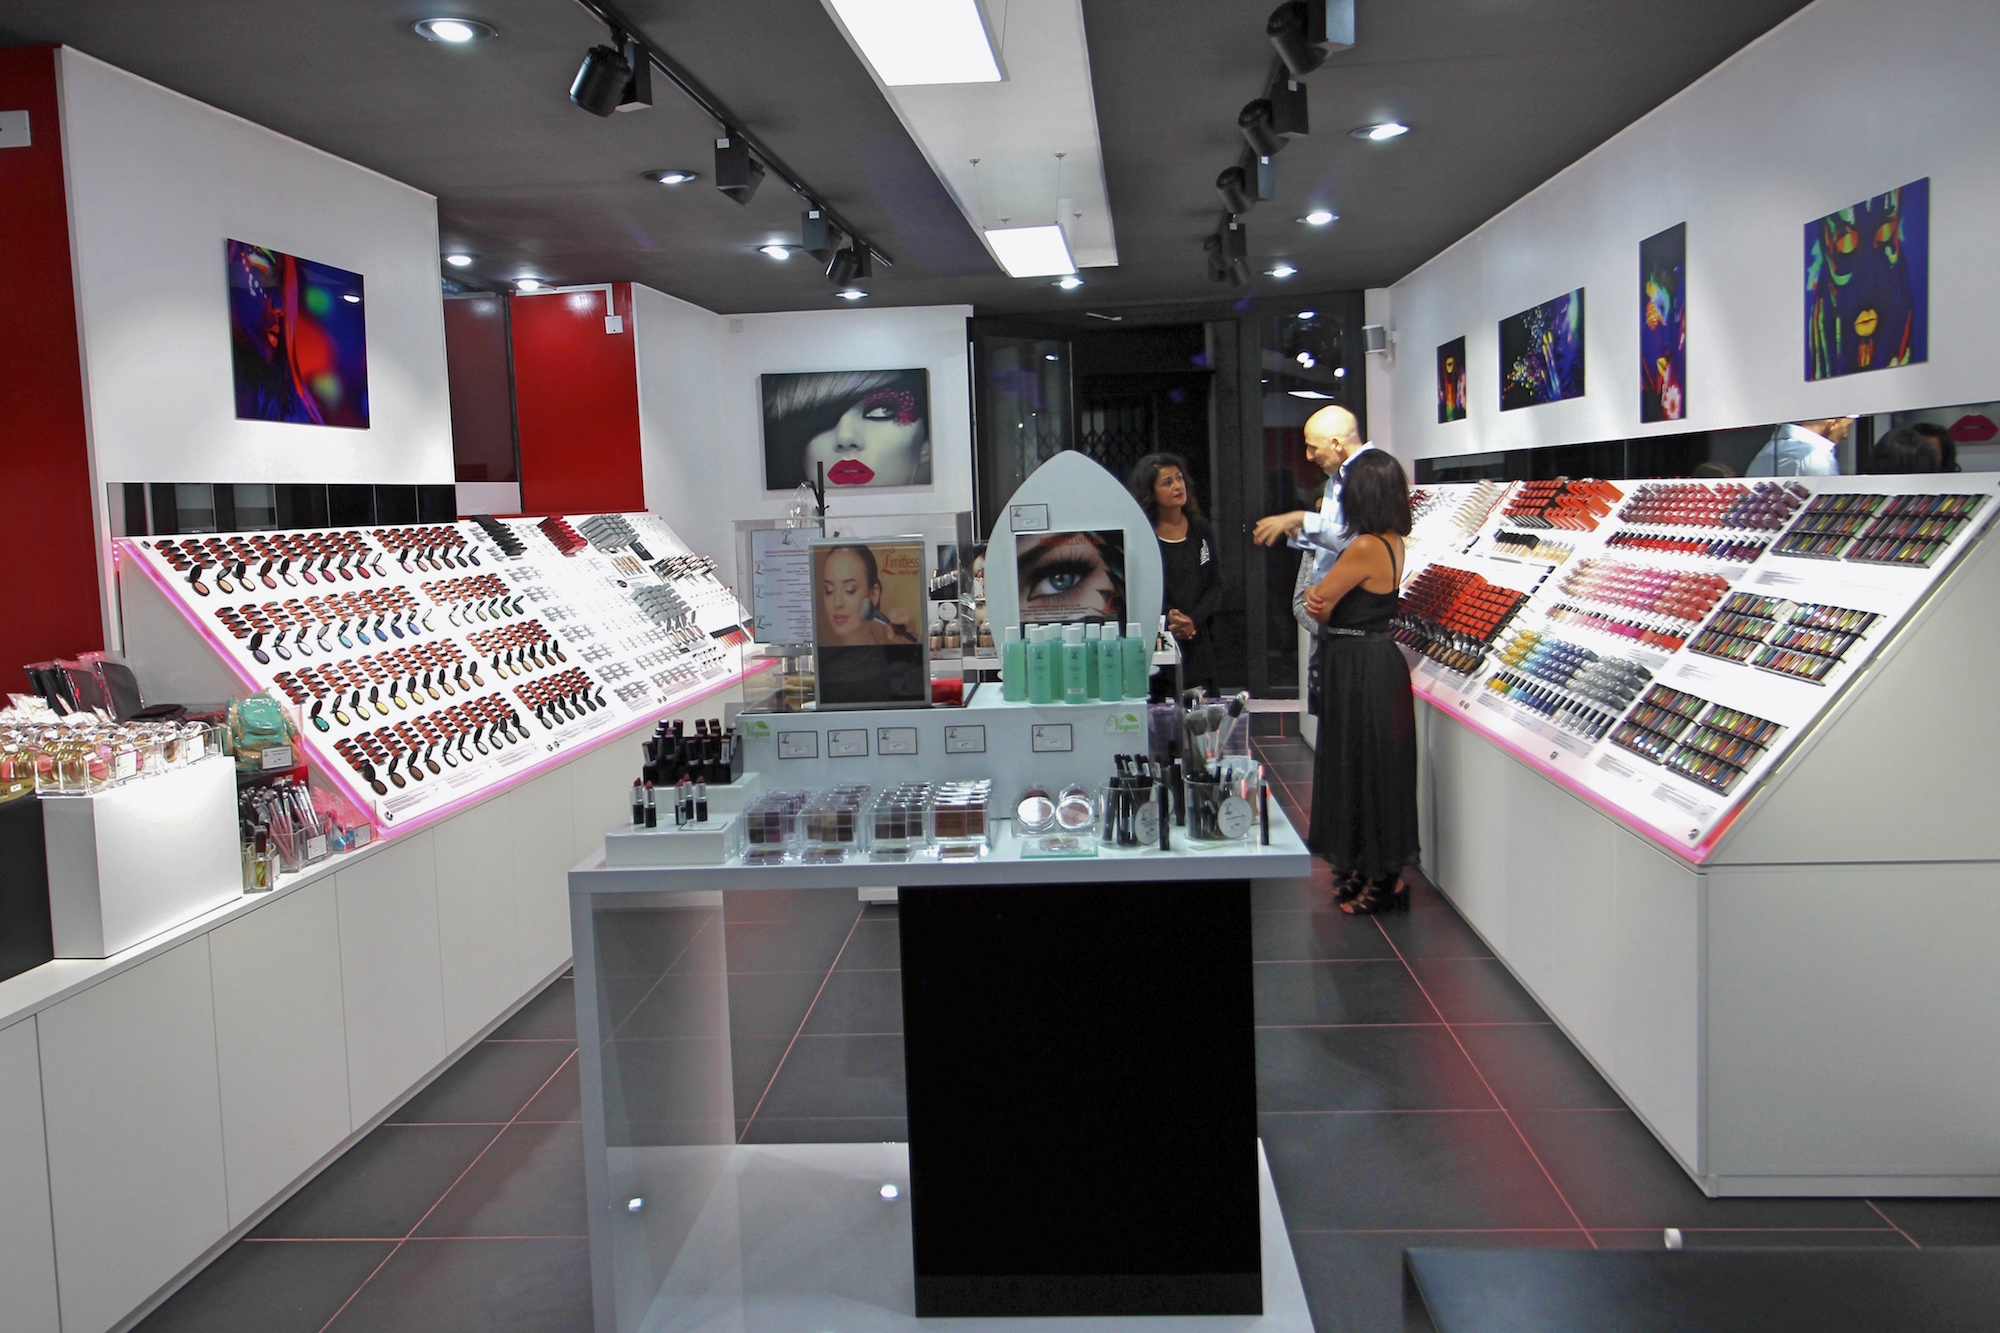 Agencement Commerce Cosmetique Design De Mobilier Specifique